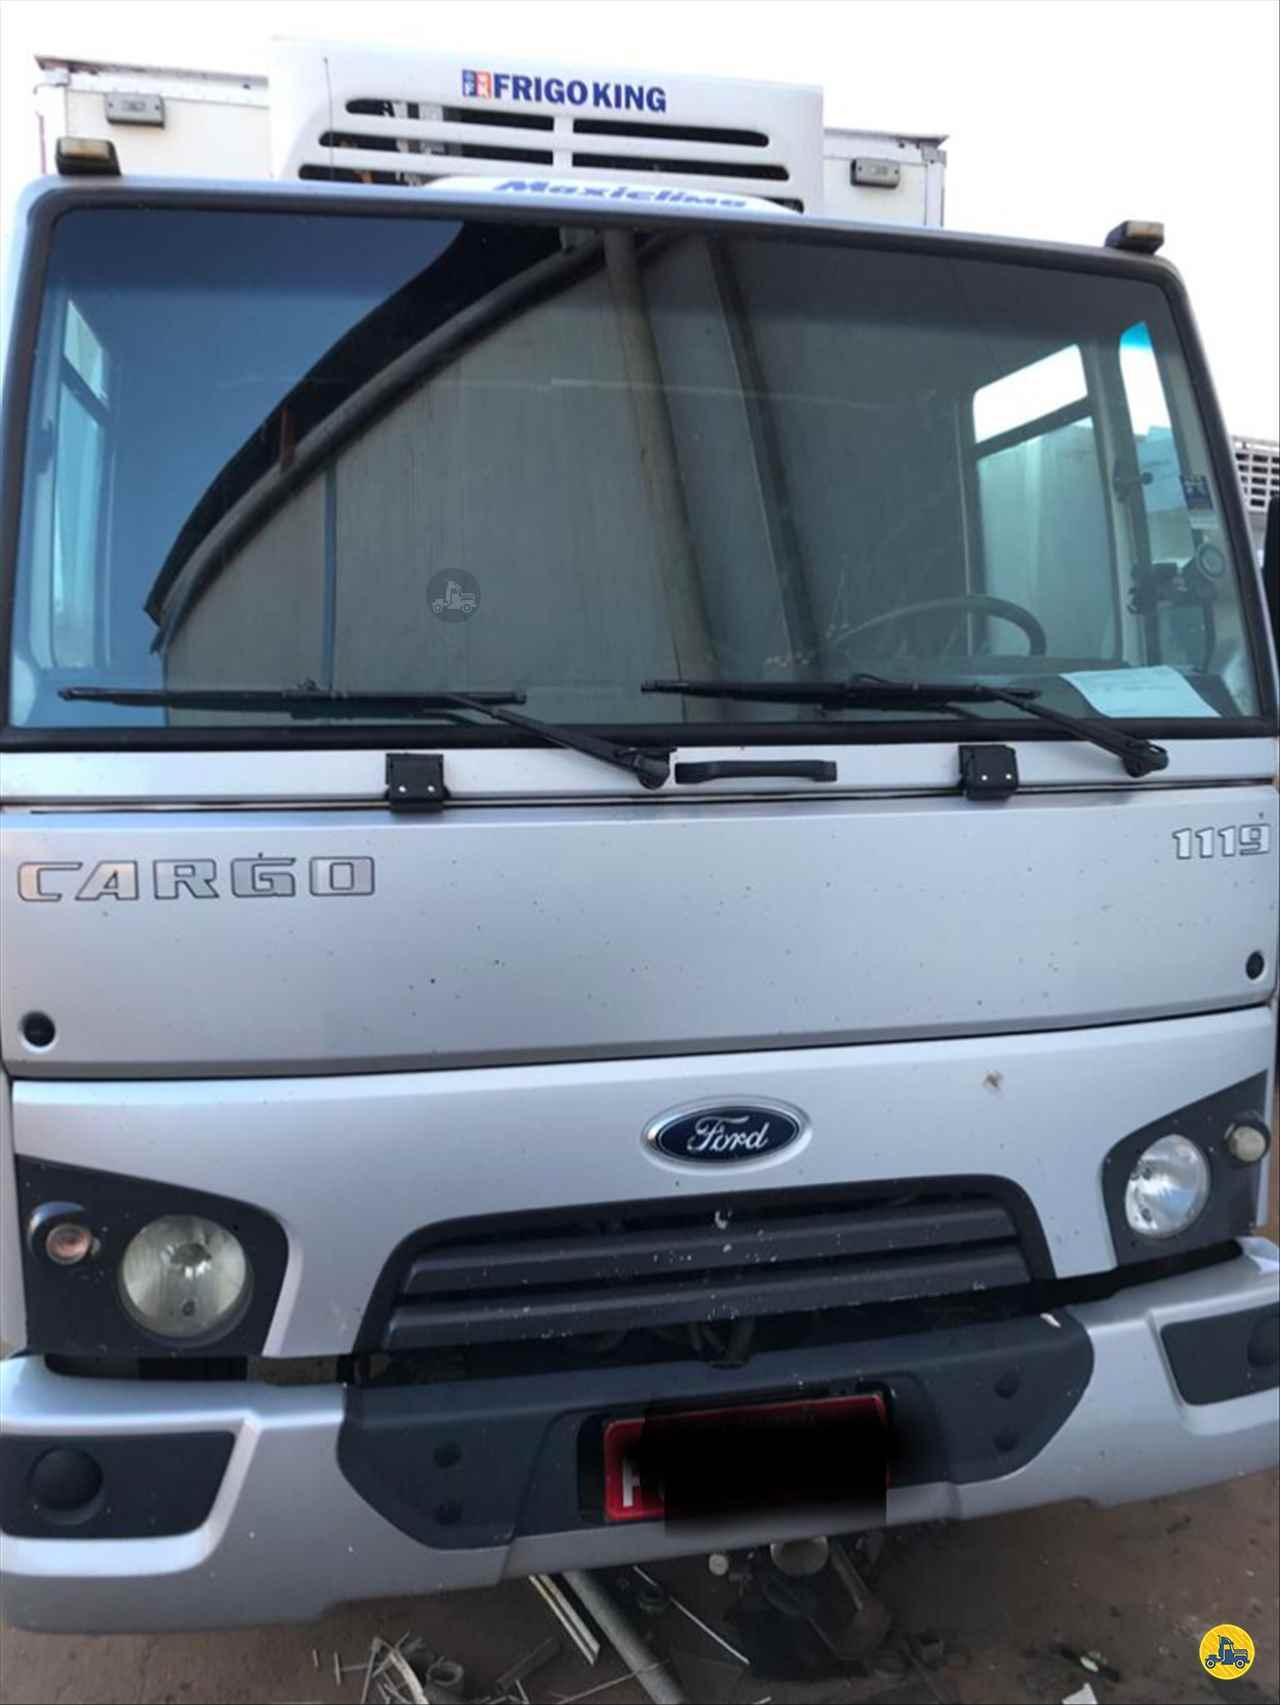 CAMINHAO FORD CARGO 1119 Baú Frigorífico Toco 4x2 Geraldo Caminhões PATOS DE MINAS MINAS GERAIS MG